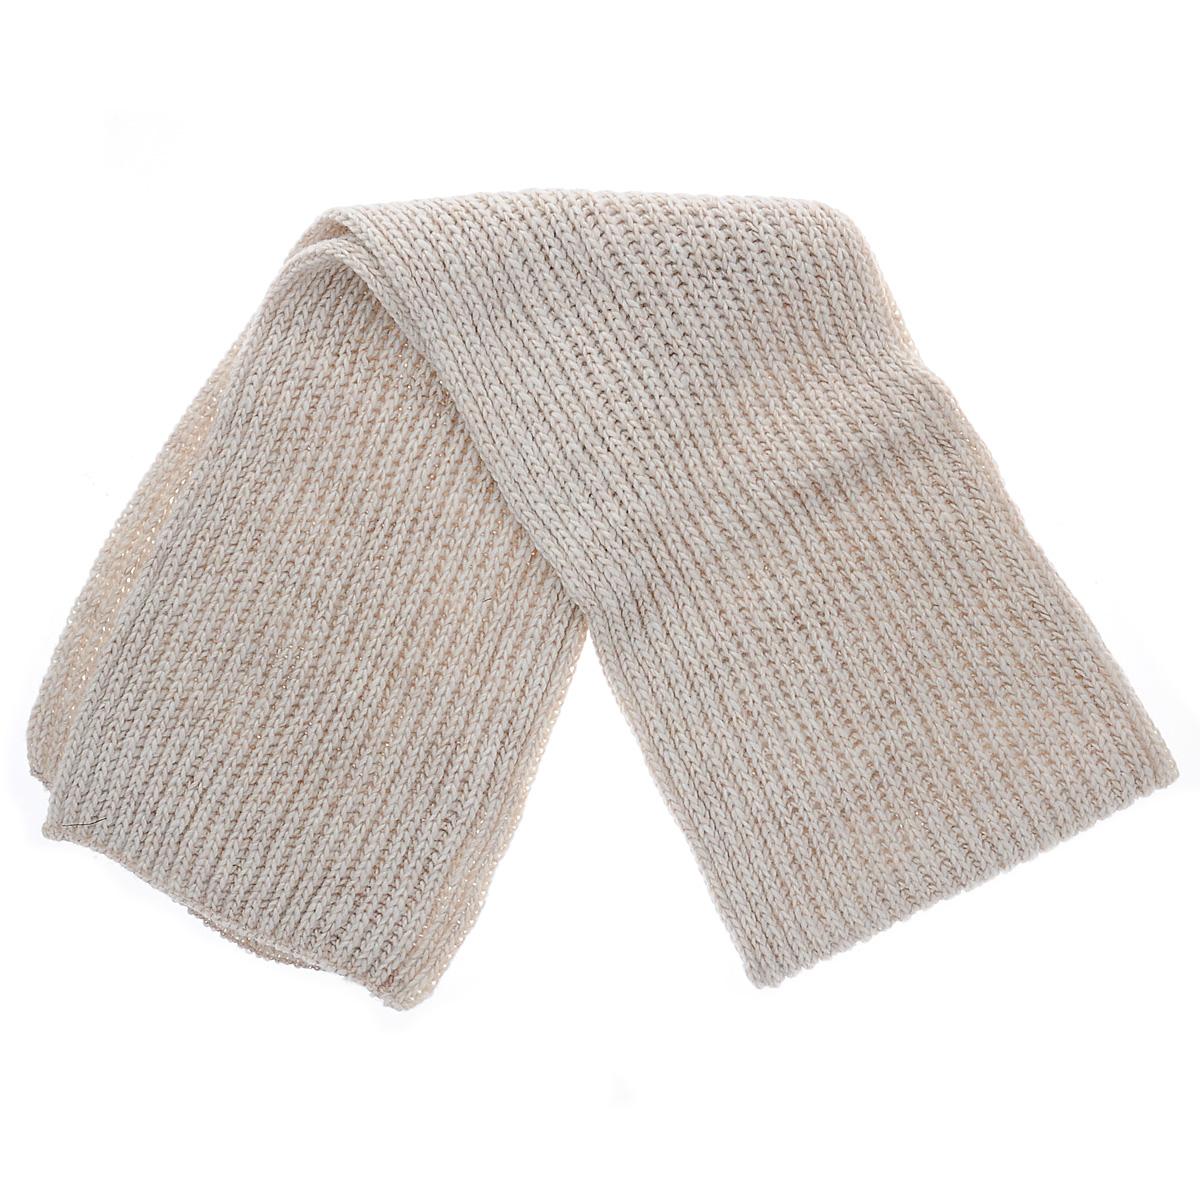 Шарф женский. 7127S7127S-11 GMВосхитительный женский вязаный шарф - отличная модель для холодной погоды. Сочетание различных материалов обеспечивает сохранение тепла и удобную посадку. Шарф выполнен оригинальной вязкой. Такой аксессуар достойно дополнит ваш гардероб.